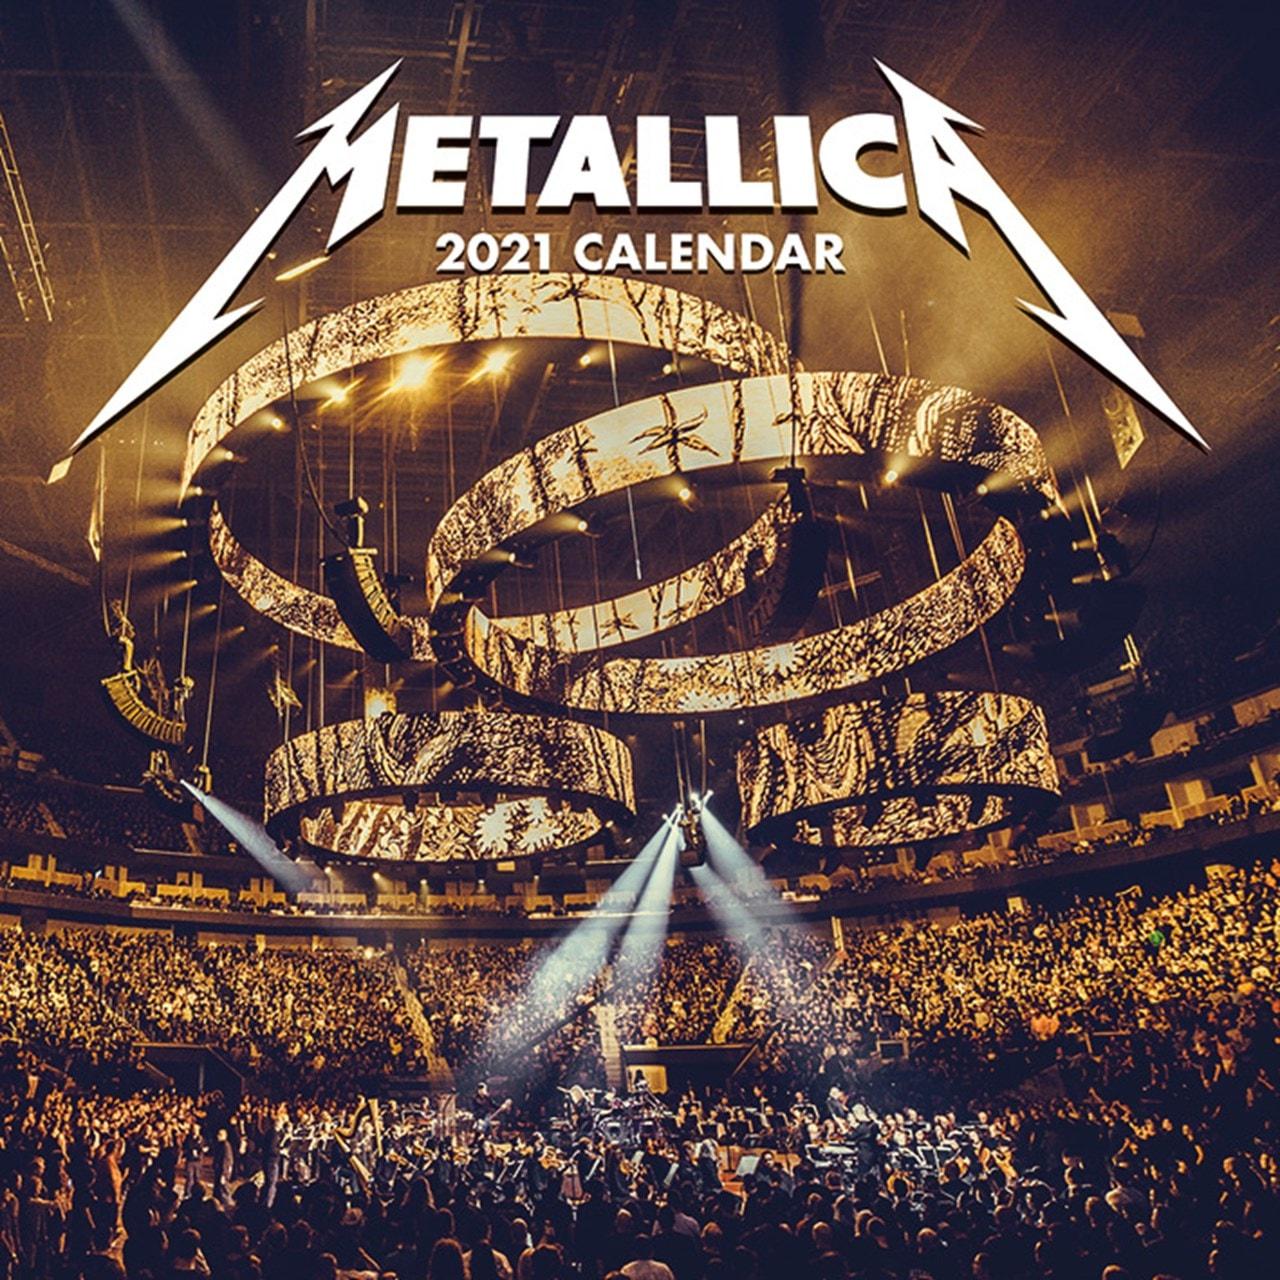 Metallica Suomeen 2021